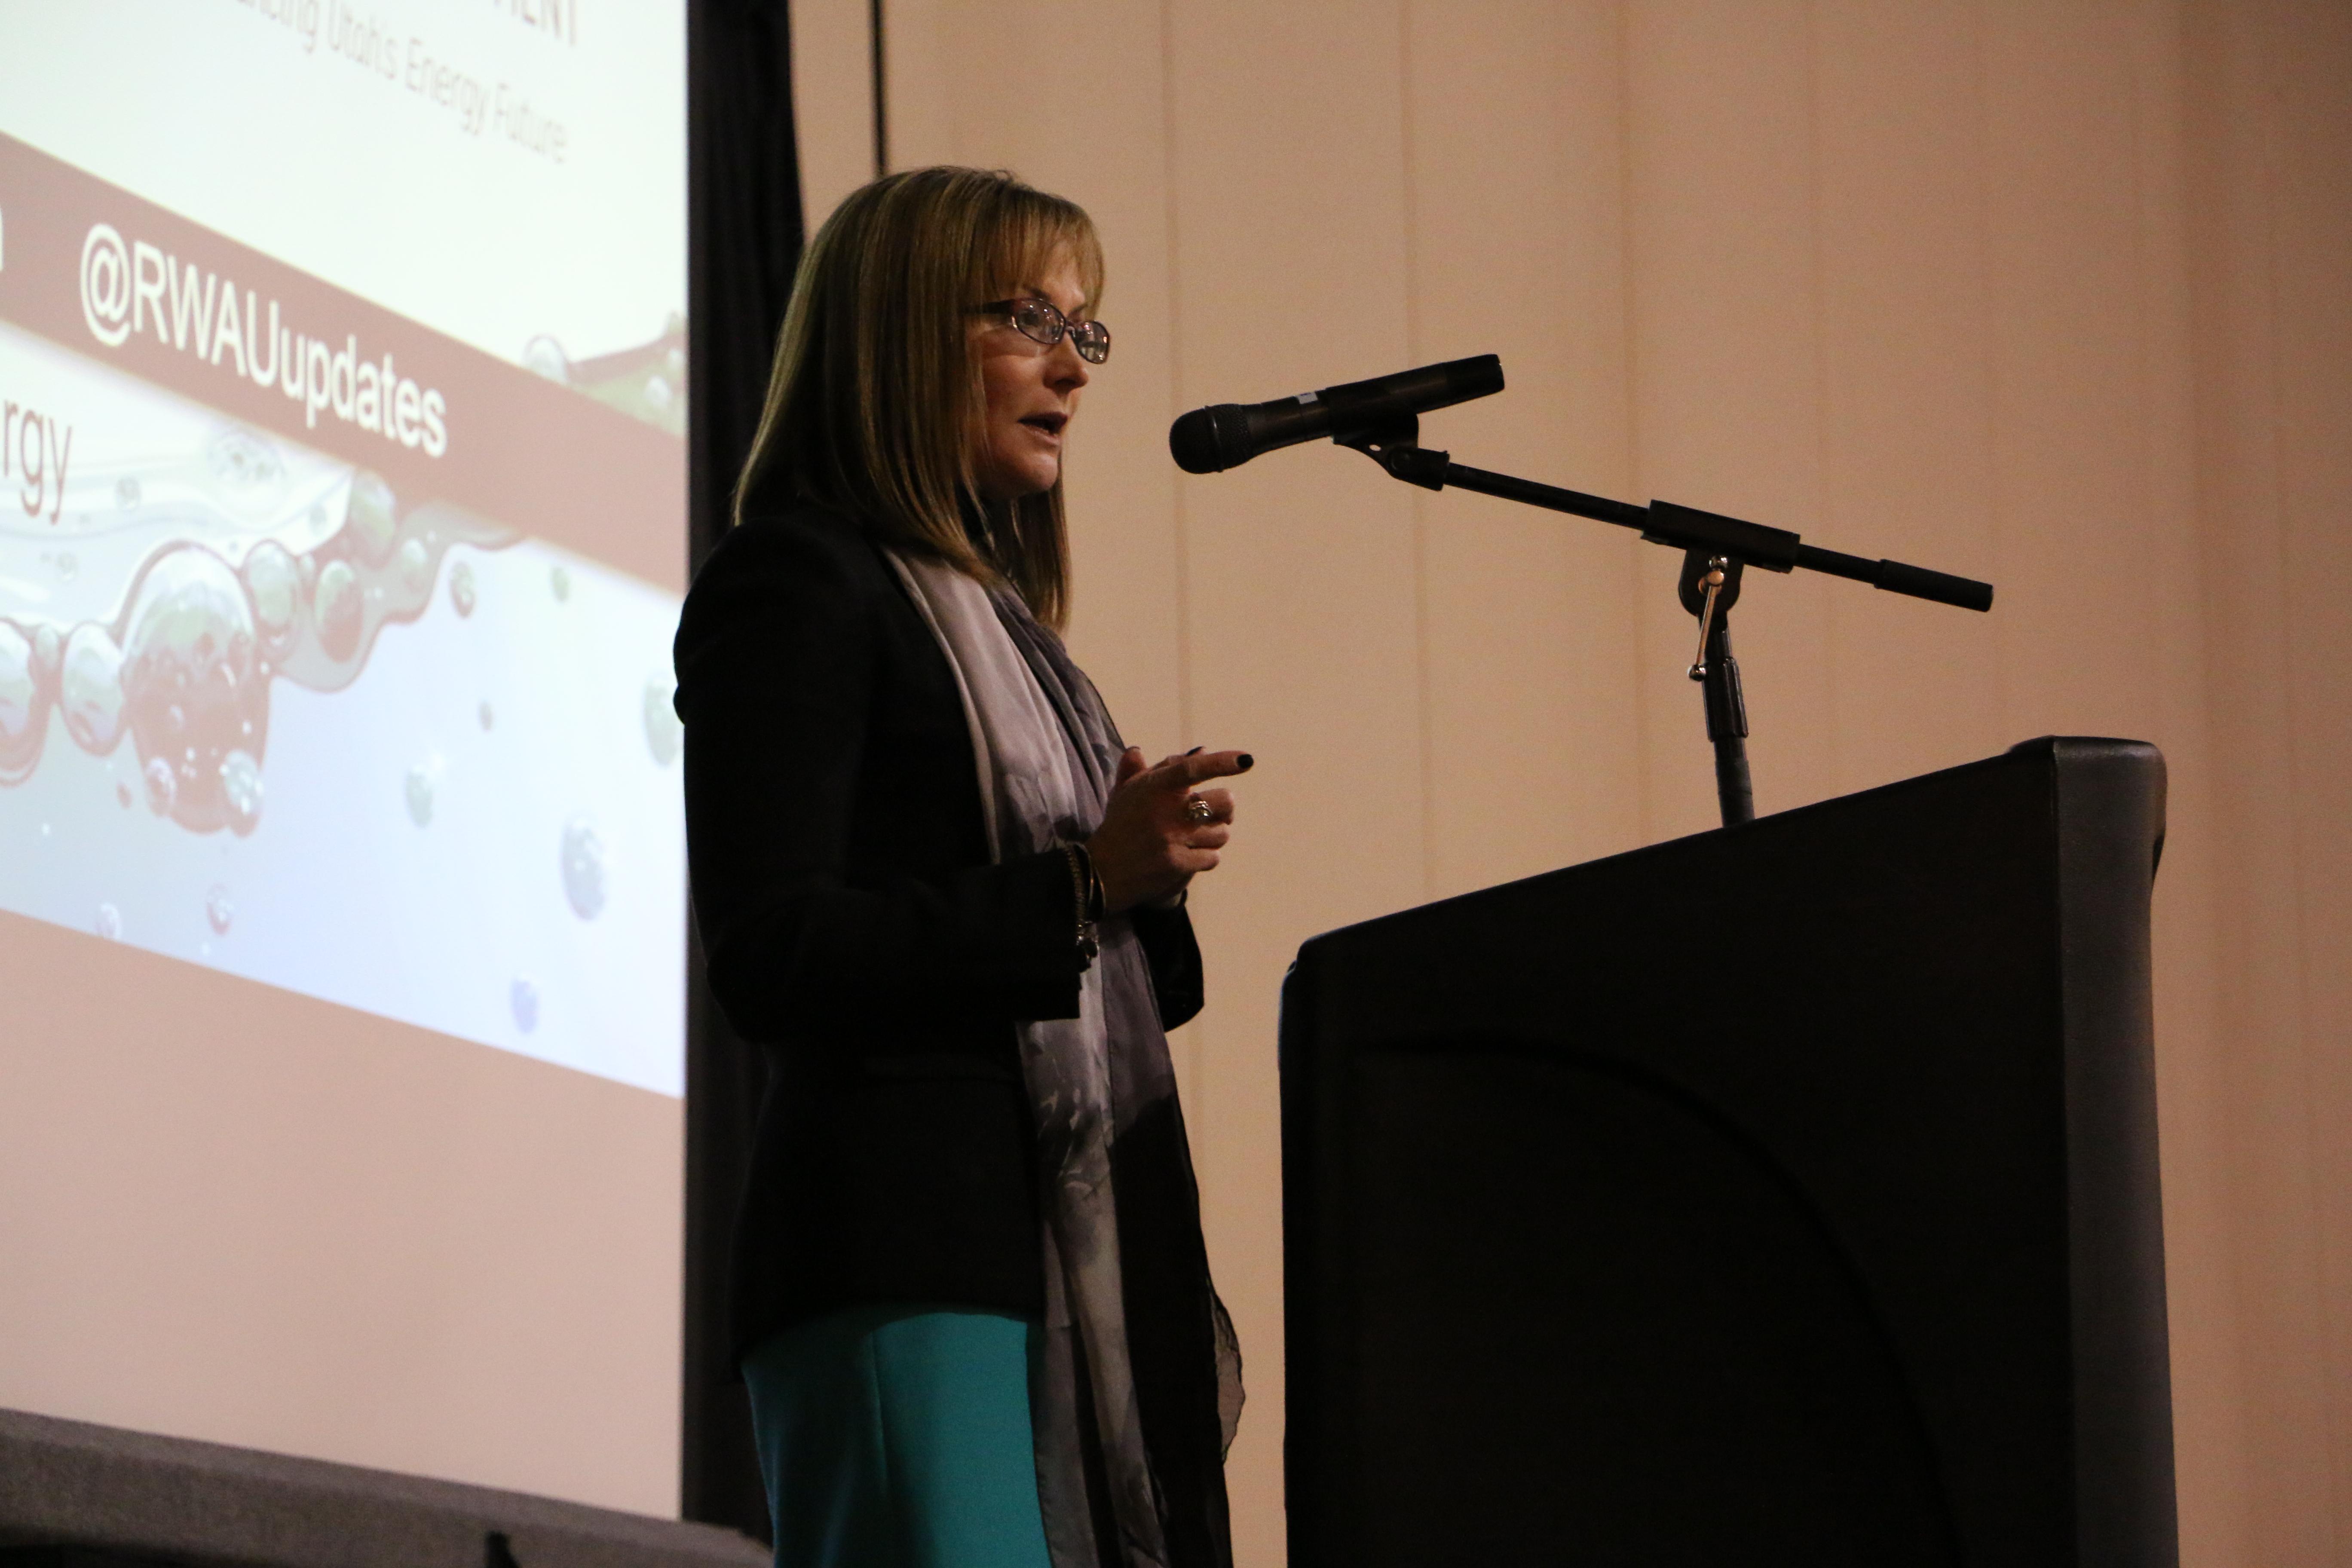 OED director Laura Nelson addresses the forum. (Meghan Stettler, Governor's Office of Energy Development)